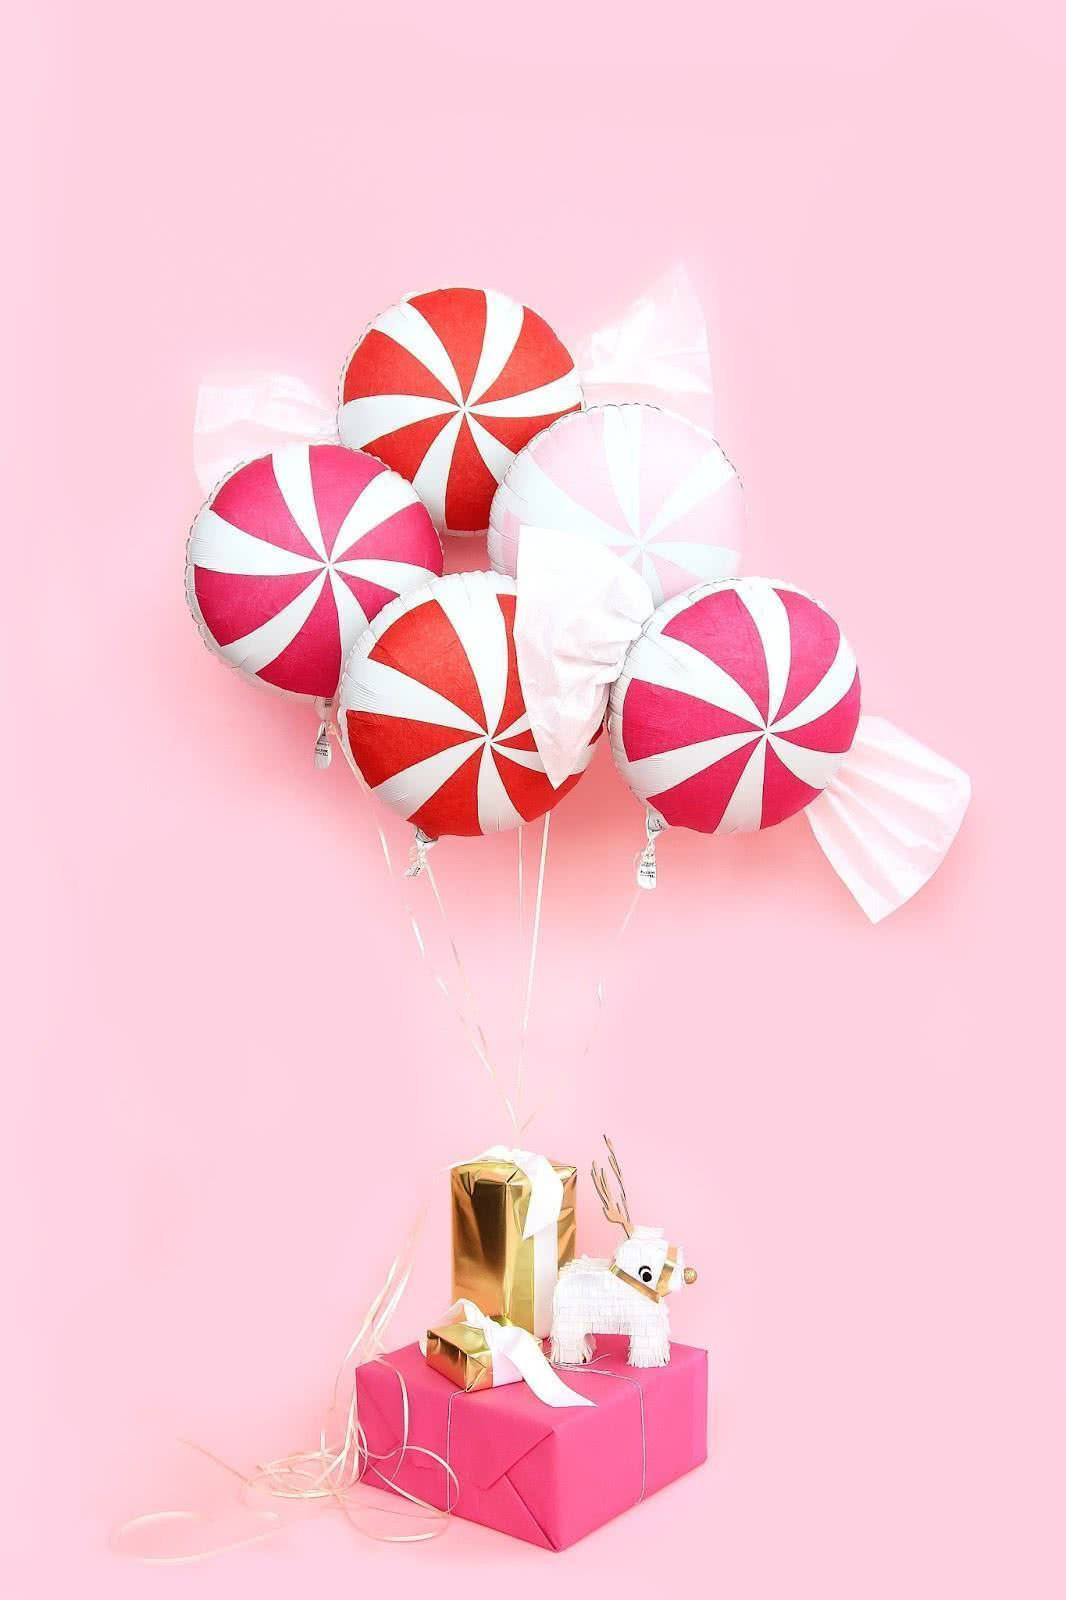 Decoração de Natal com balões.